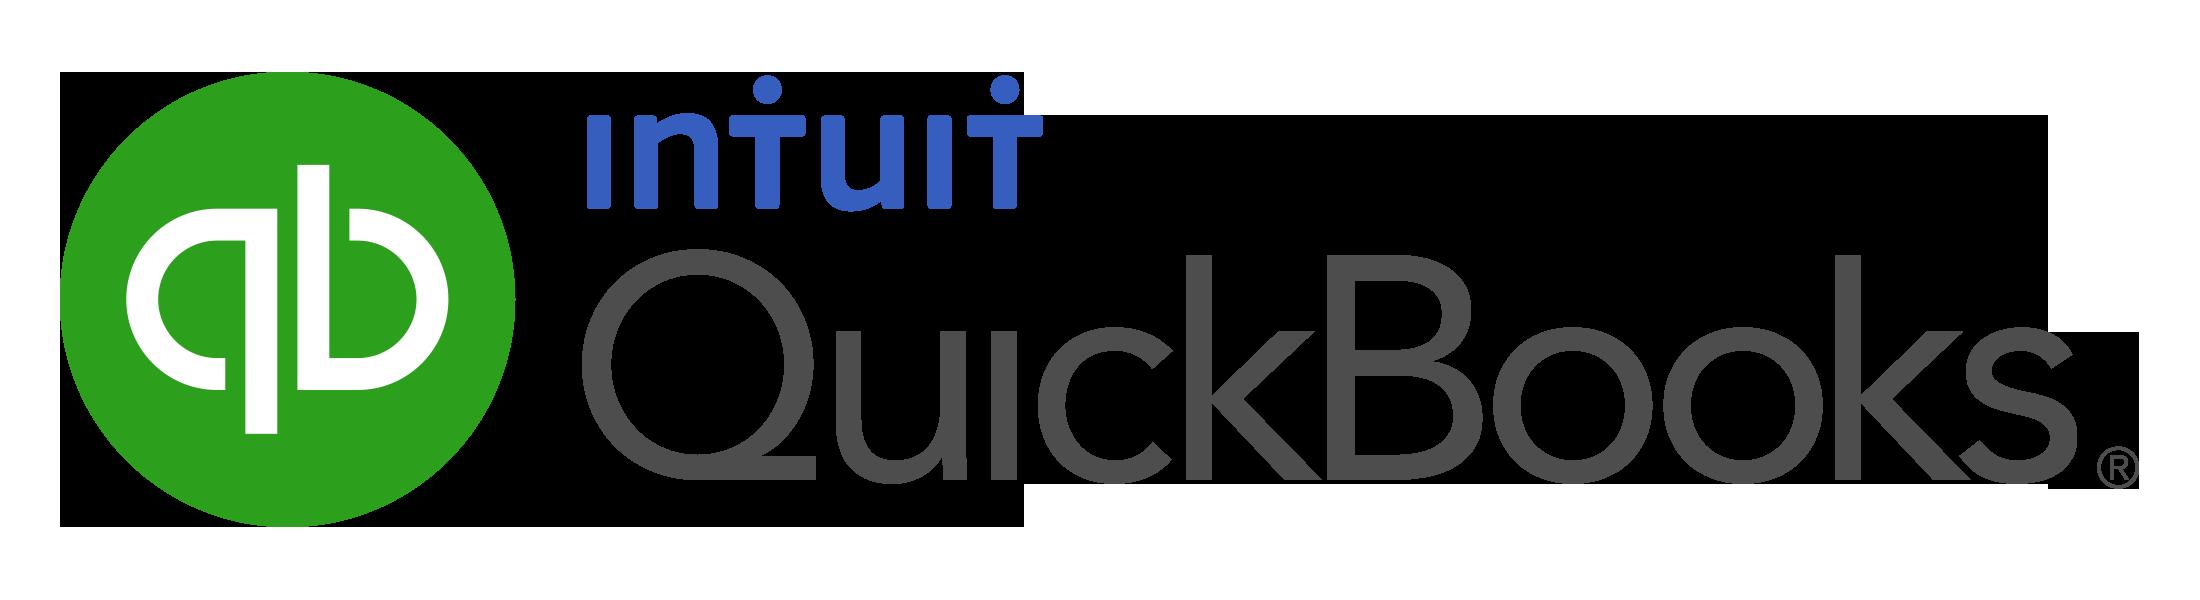 Quickbooks_intuit_logo